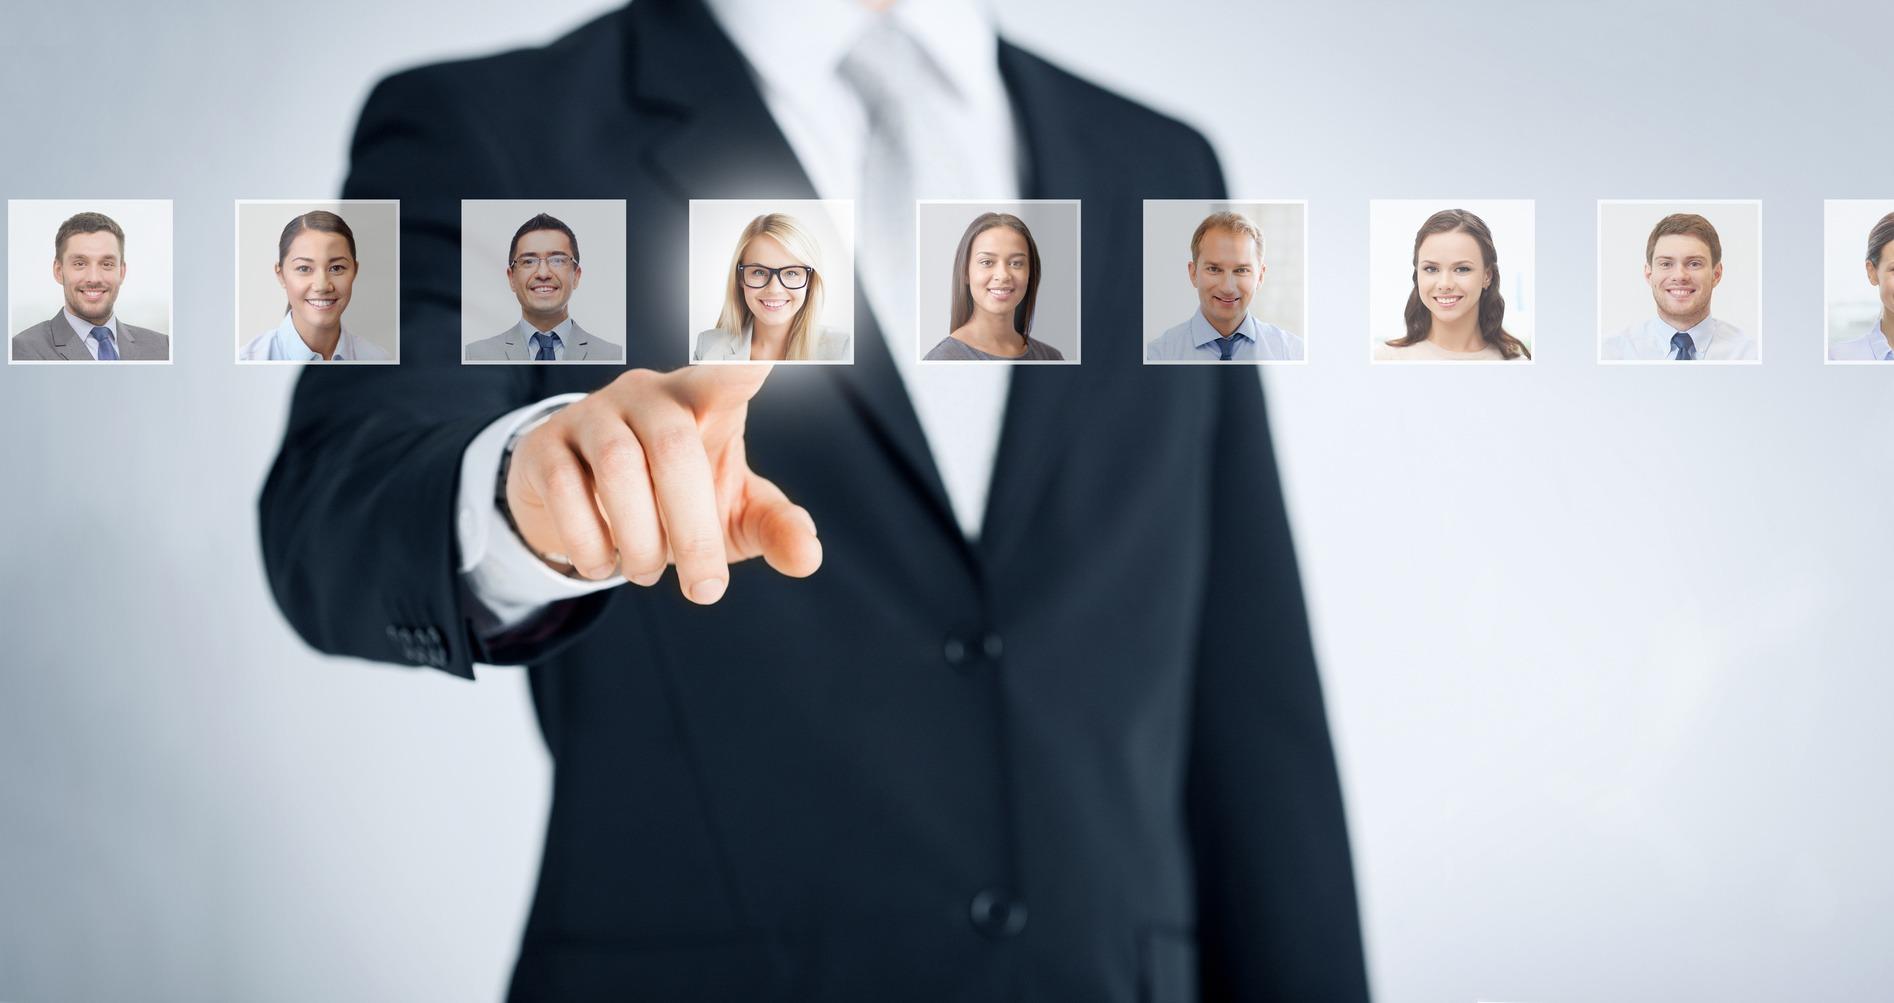 Im Vordergrund sieht man eine Reihe Profilbilder auf einem transparenten Band. Im Hintergrund steht ein Recruiter, der mit dem Finger auf das Profilbild einer jungen Frau zeigt.